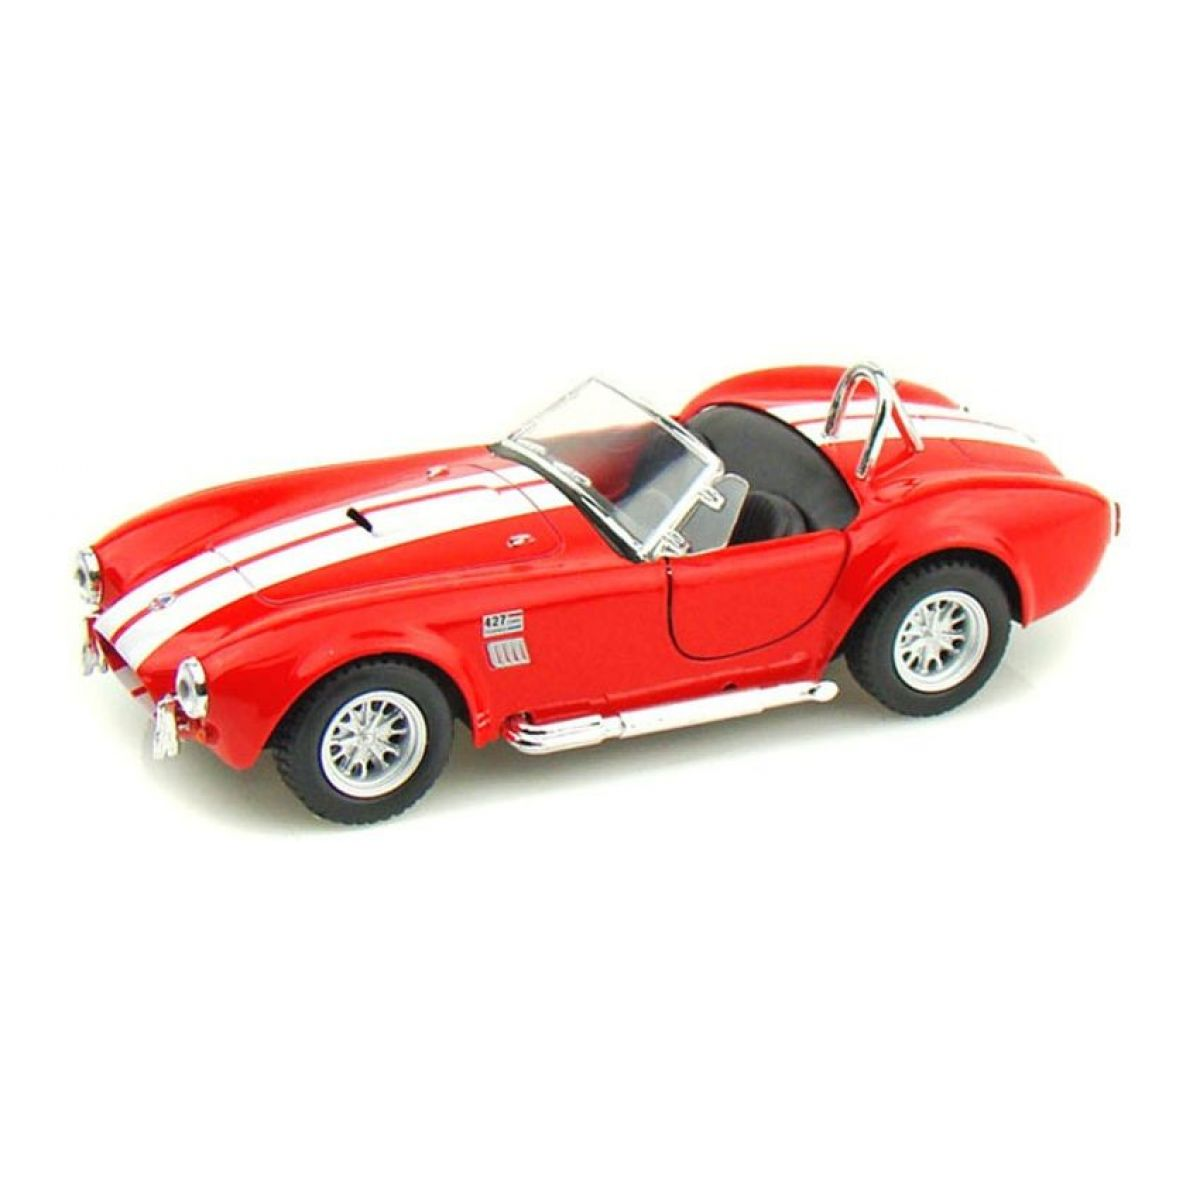 Kinsmart Auto Shelby Cobra 1965 na zpětné natažení - Červená